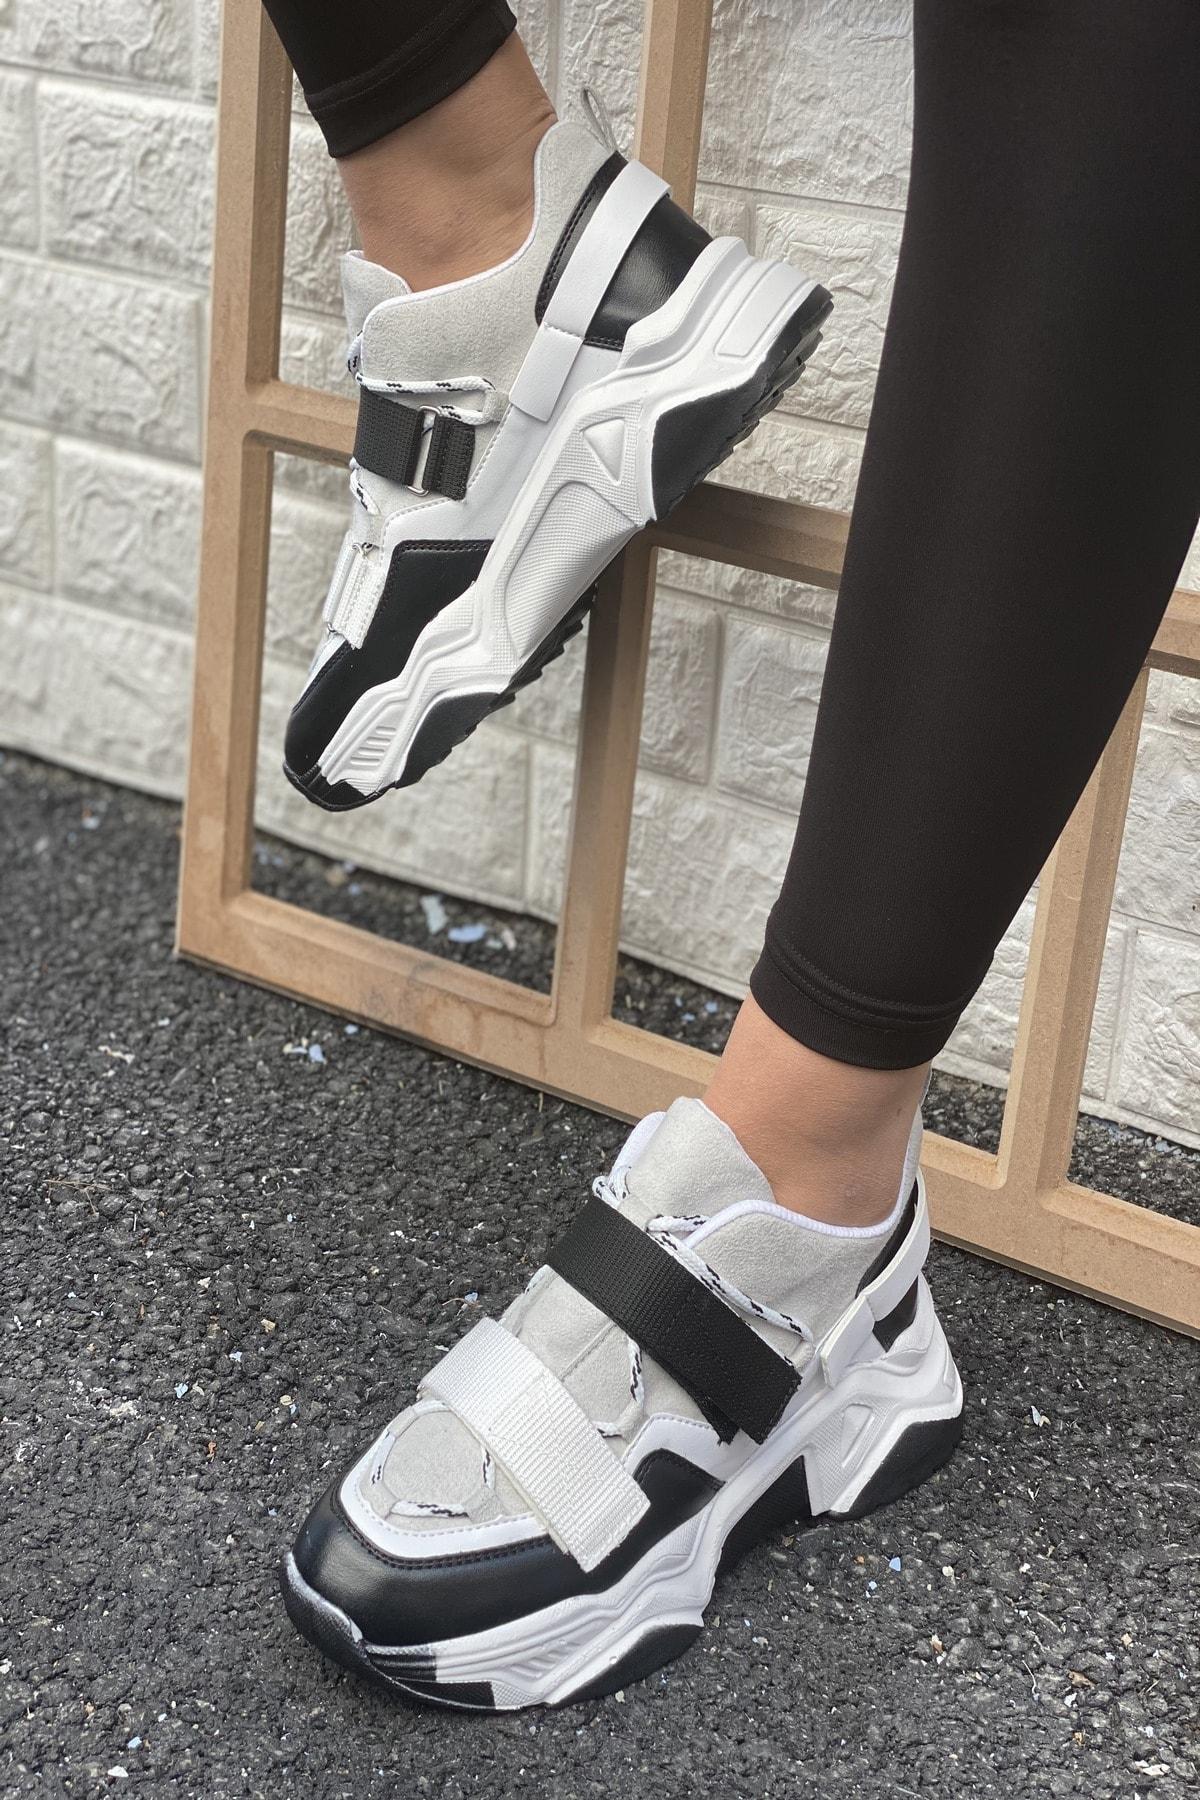 Kadın Siyah&Gri Ayakkabı&Sneaker INASPORT10